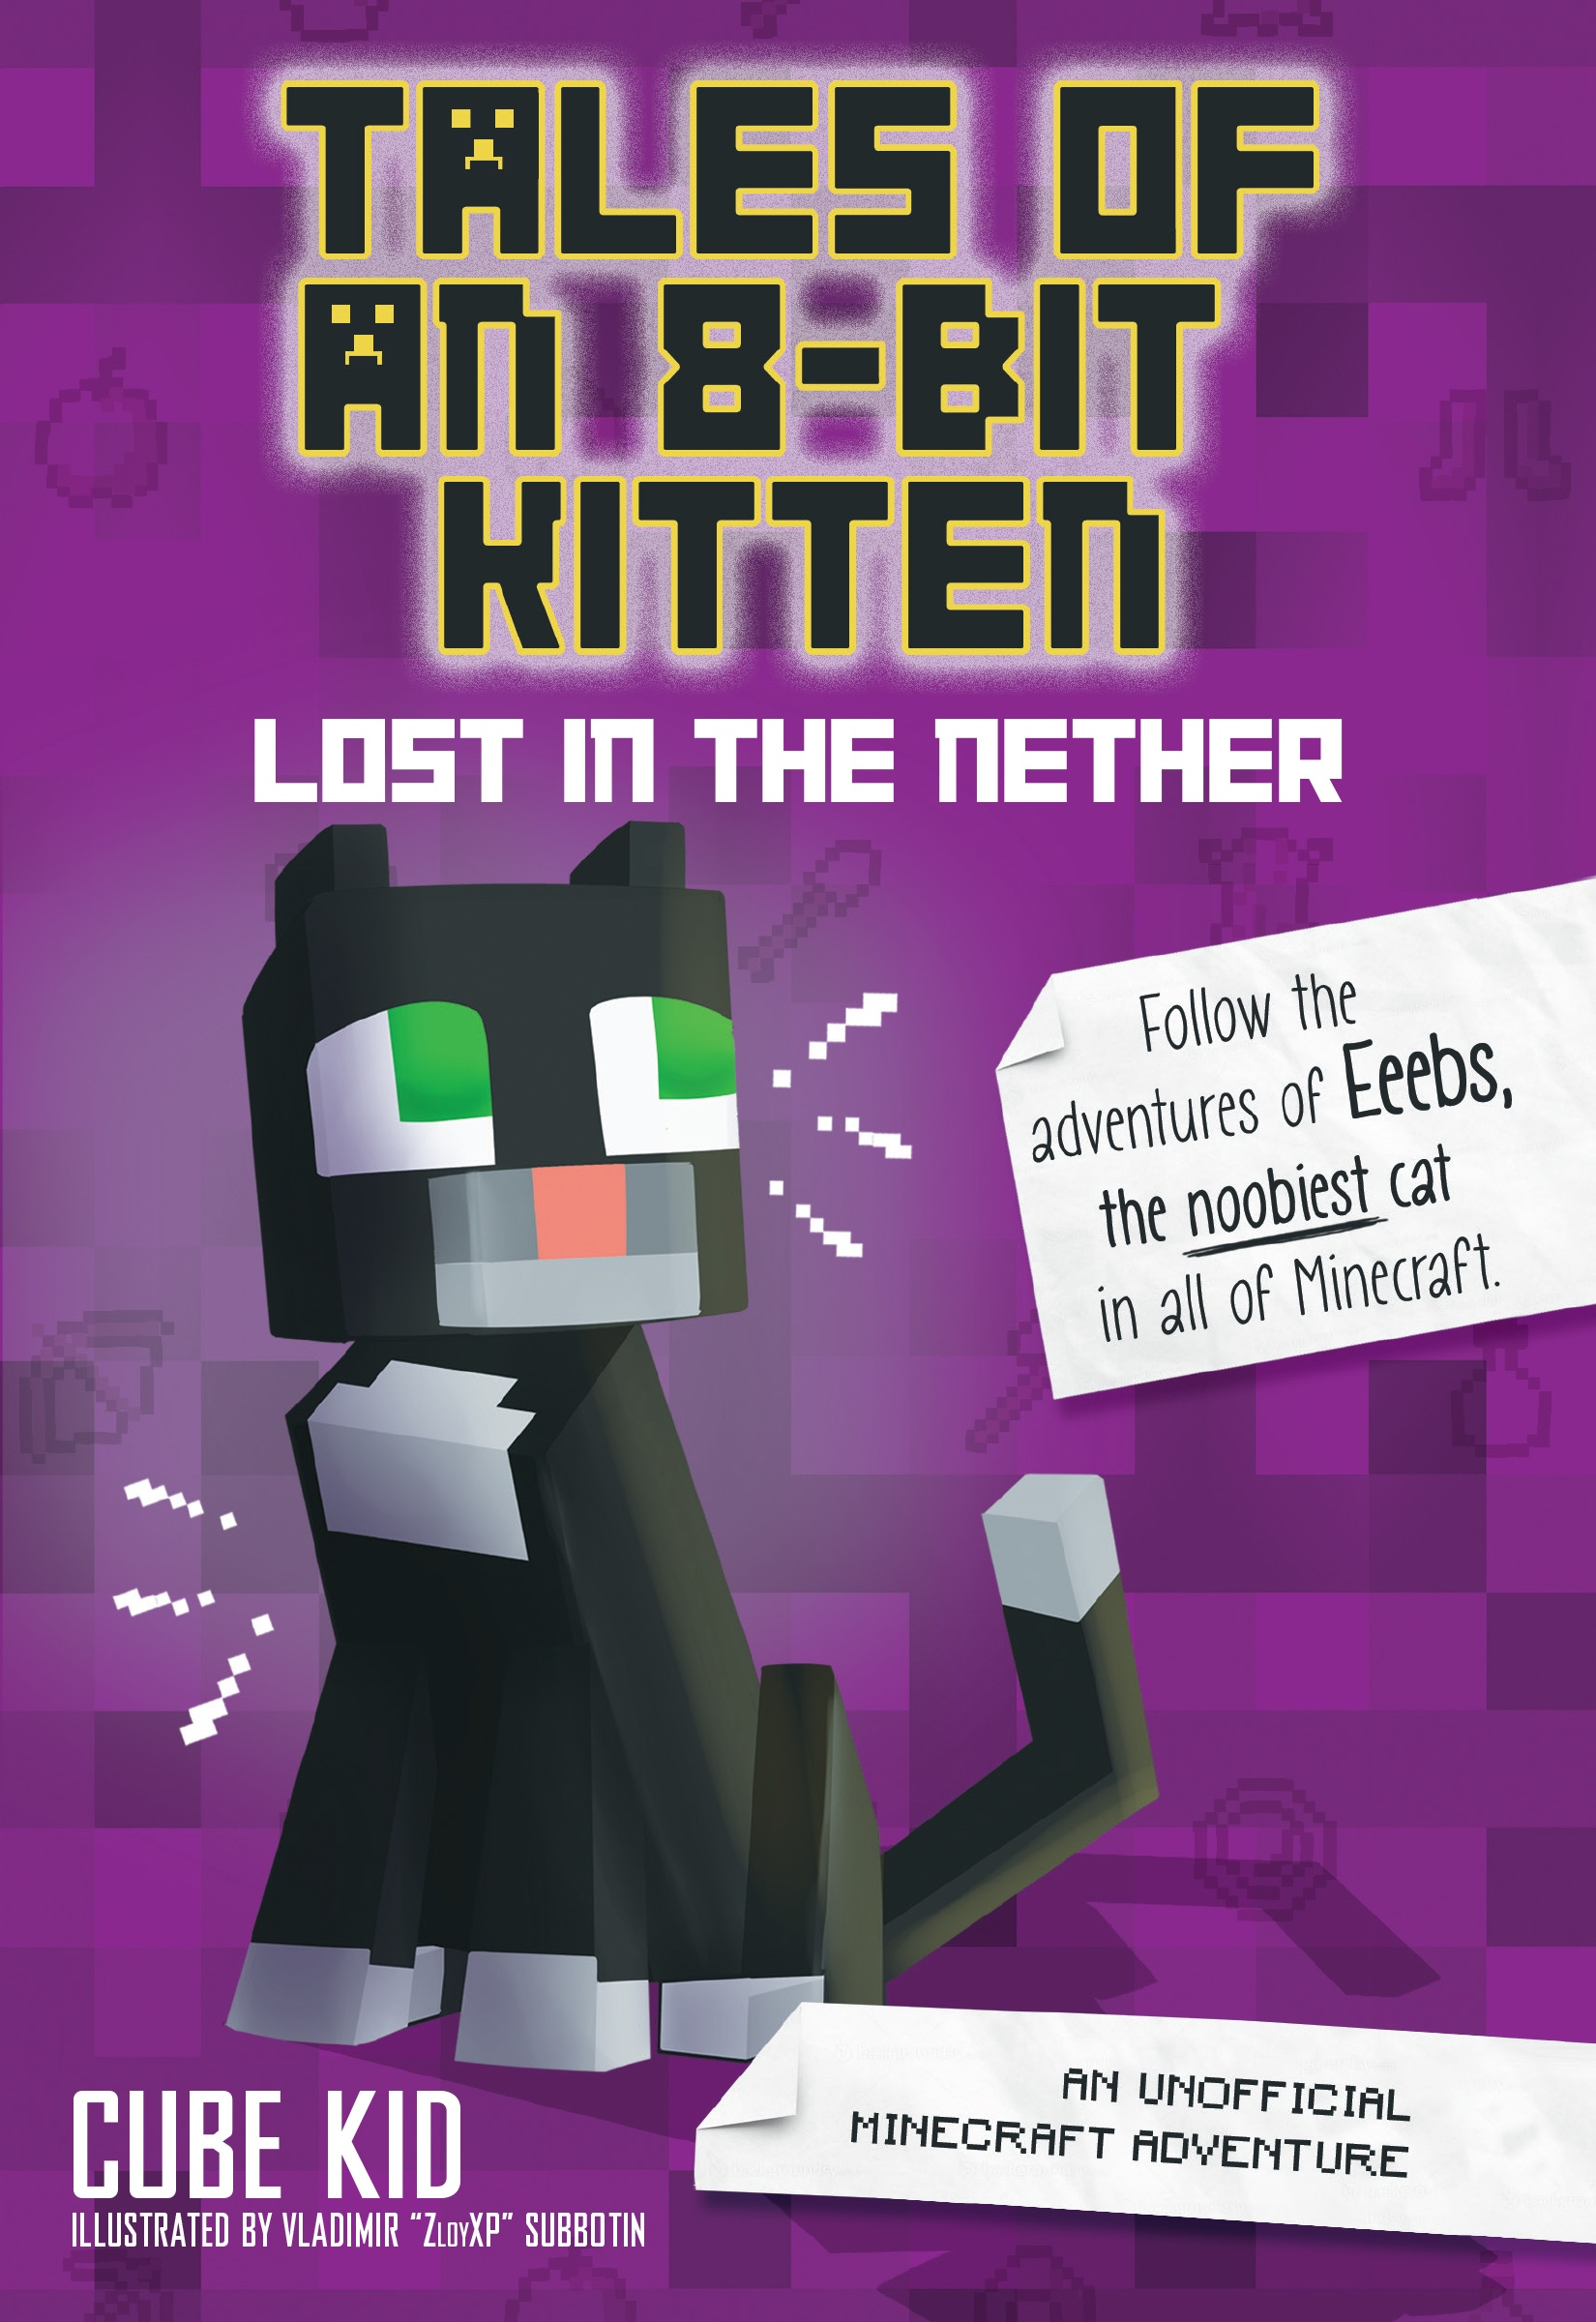 8-Bit Kitten